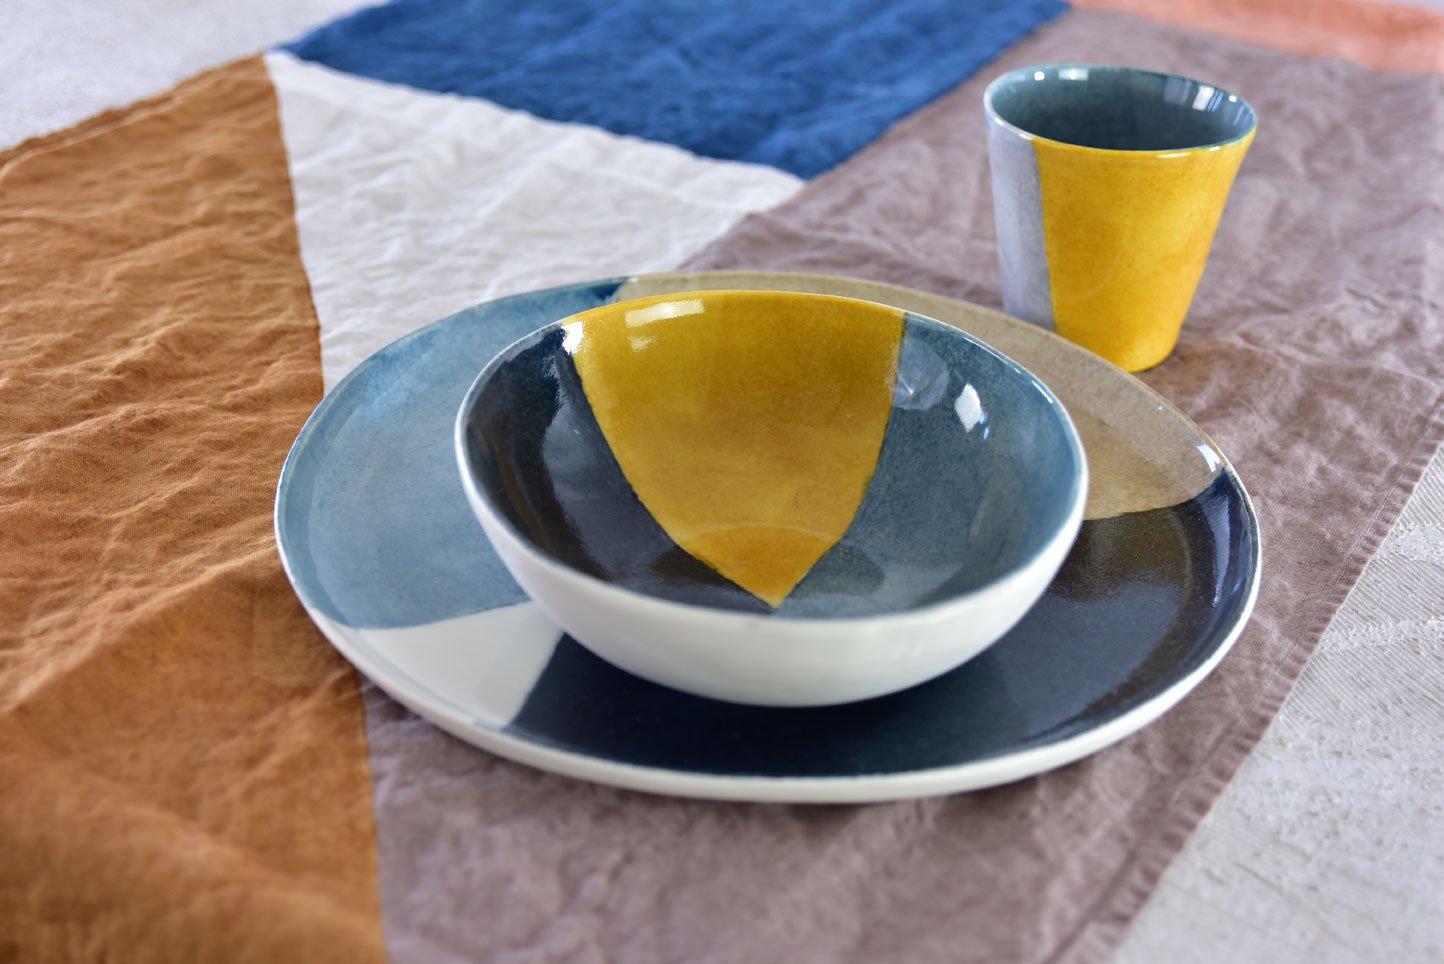 bertozzi italian handmade